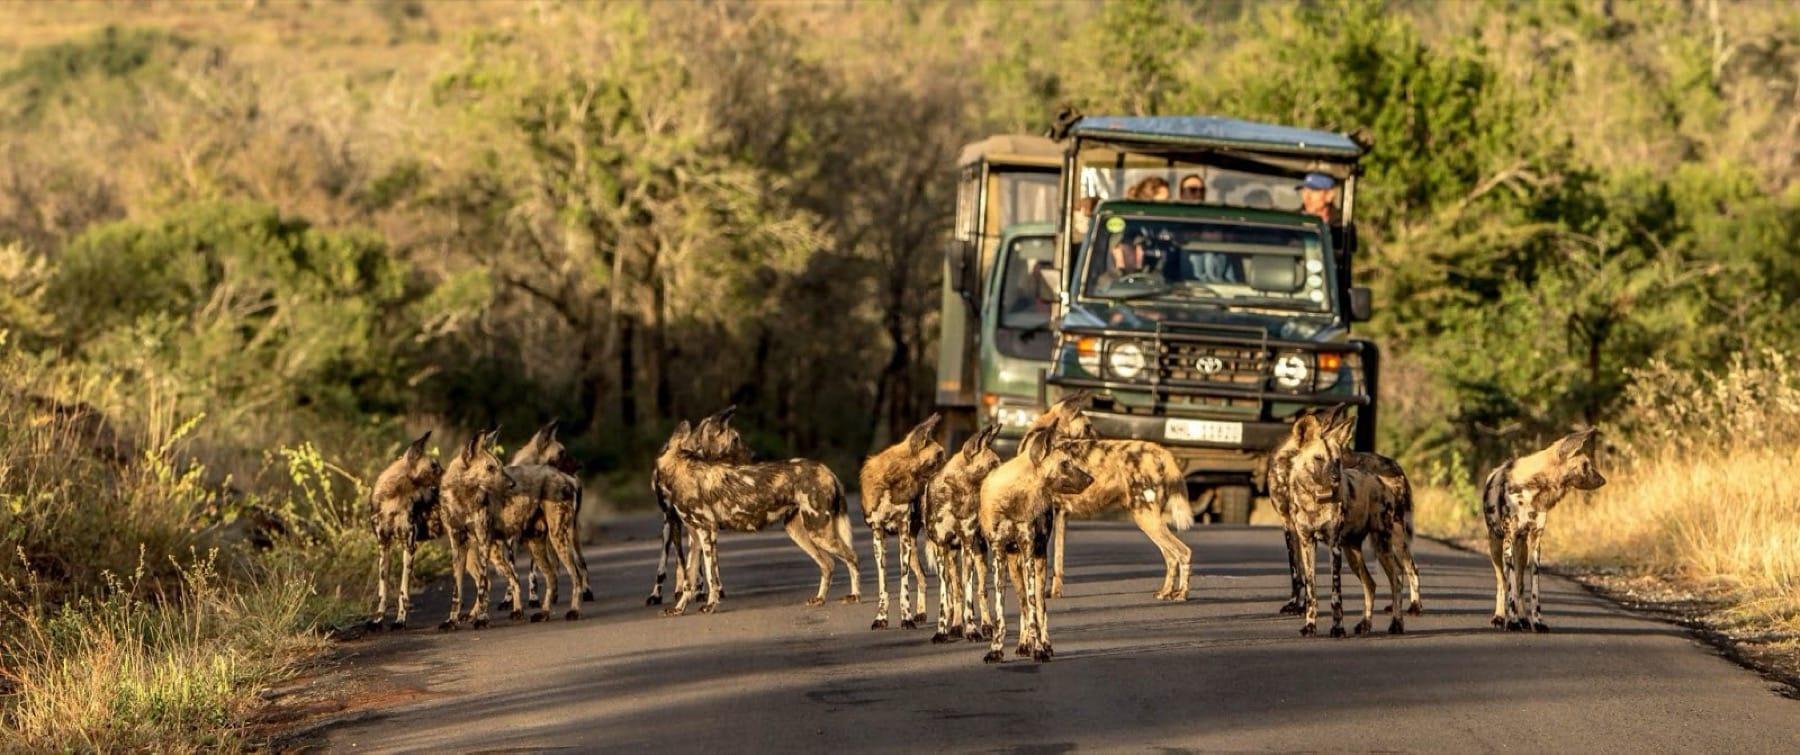 KwaZulu-Natal_Hluhluwe-Imfolozi Game Reserve